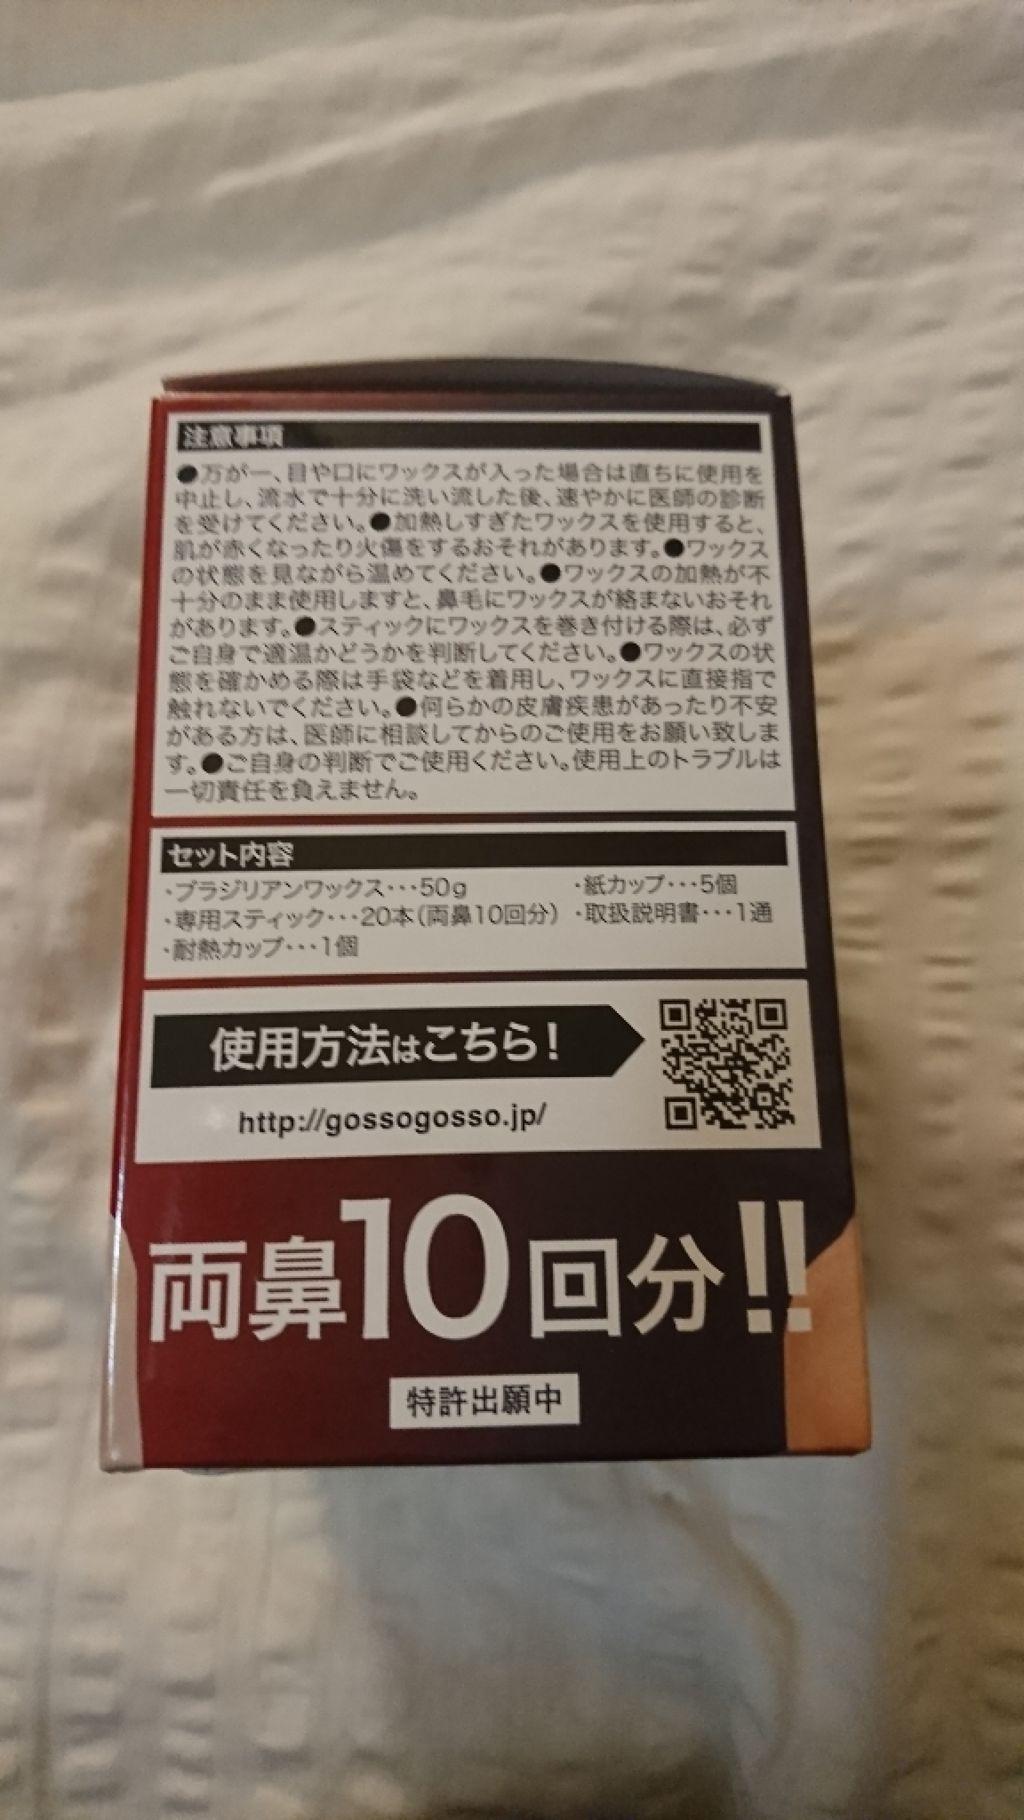 https://cdn.lipscosme.com/image/895385fbcea33f8b689cf2de-1562812430-thumb.png